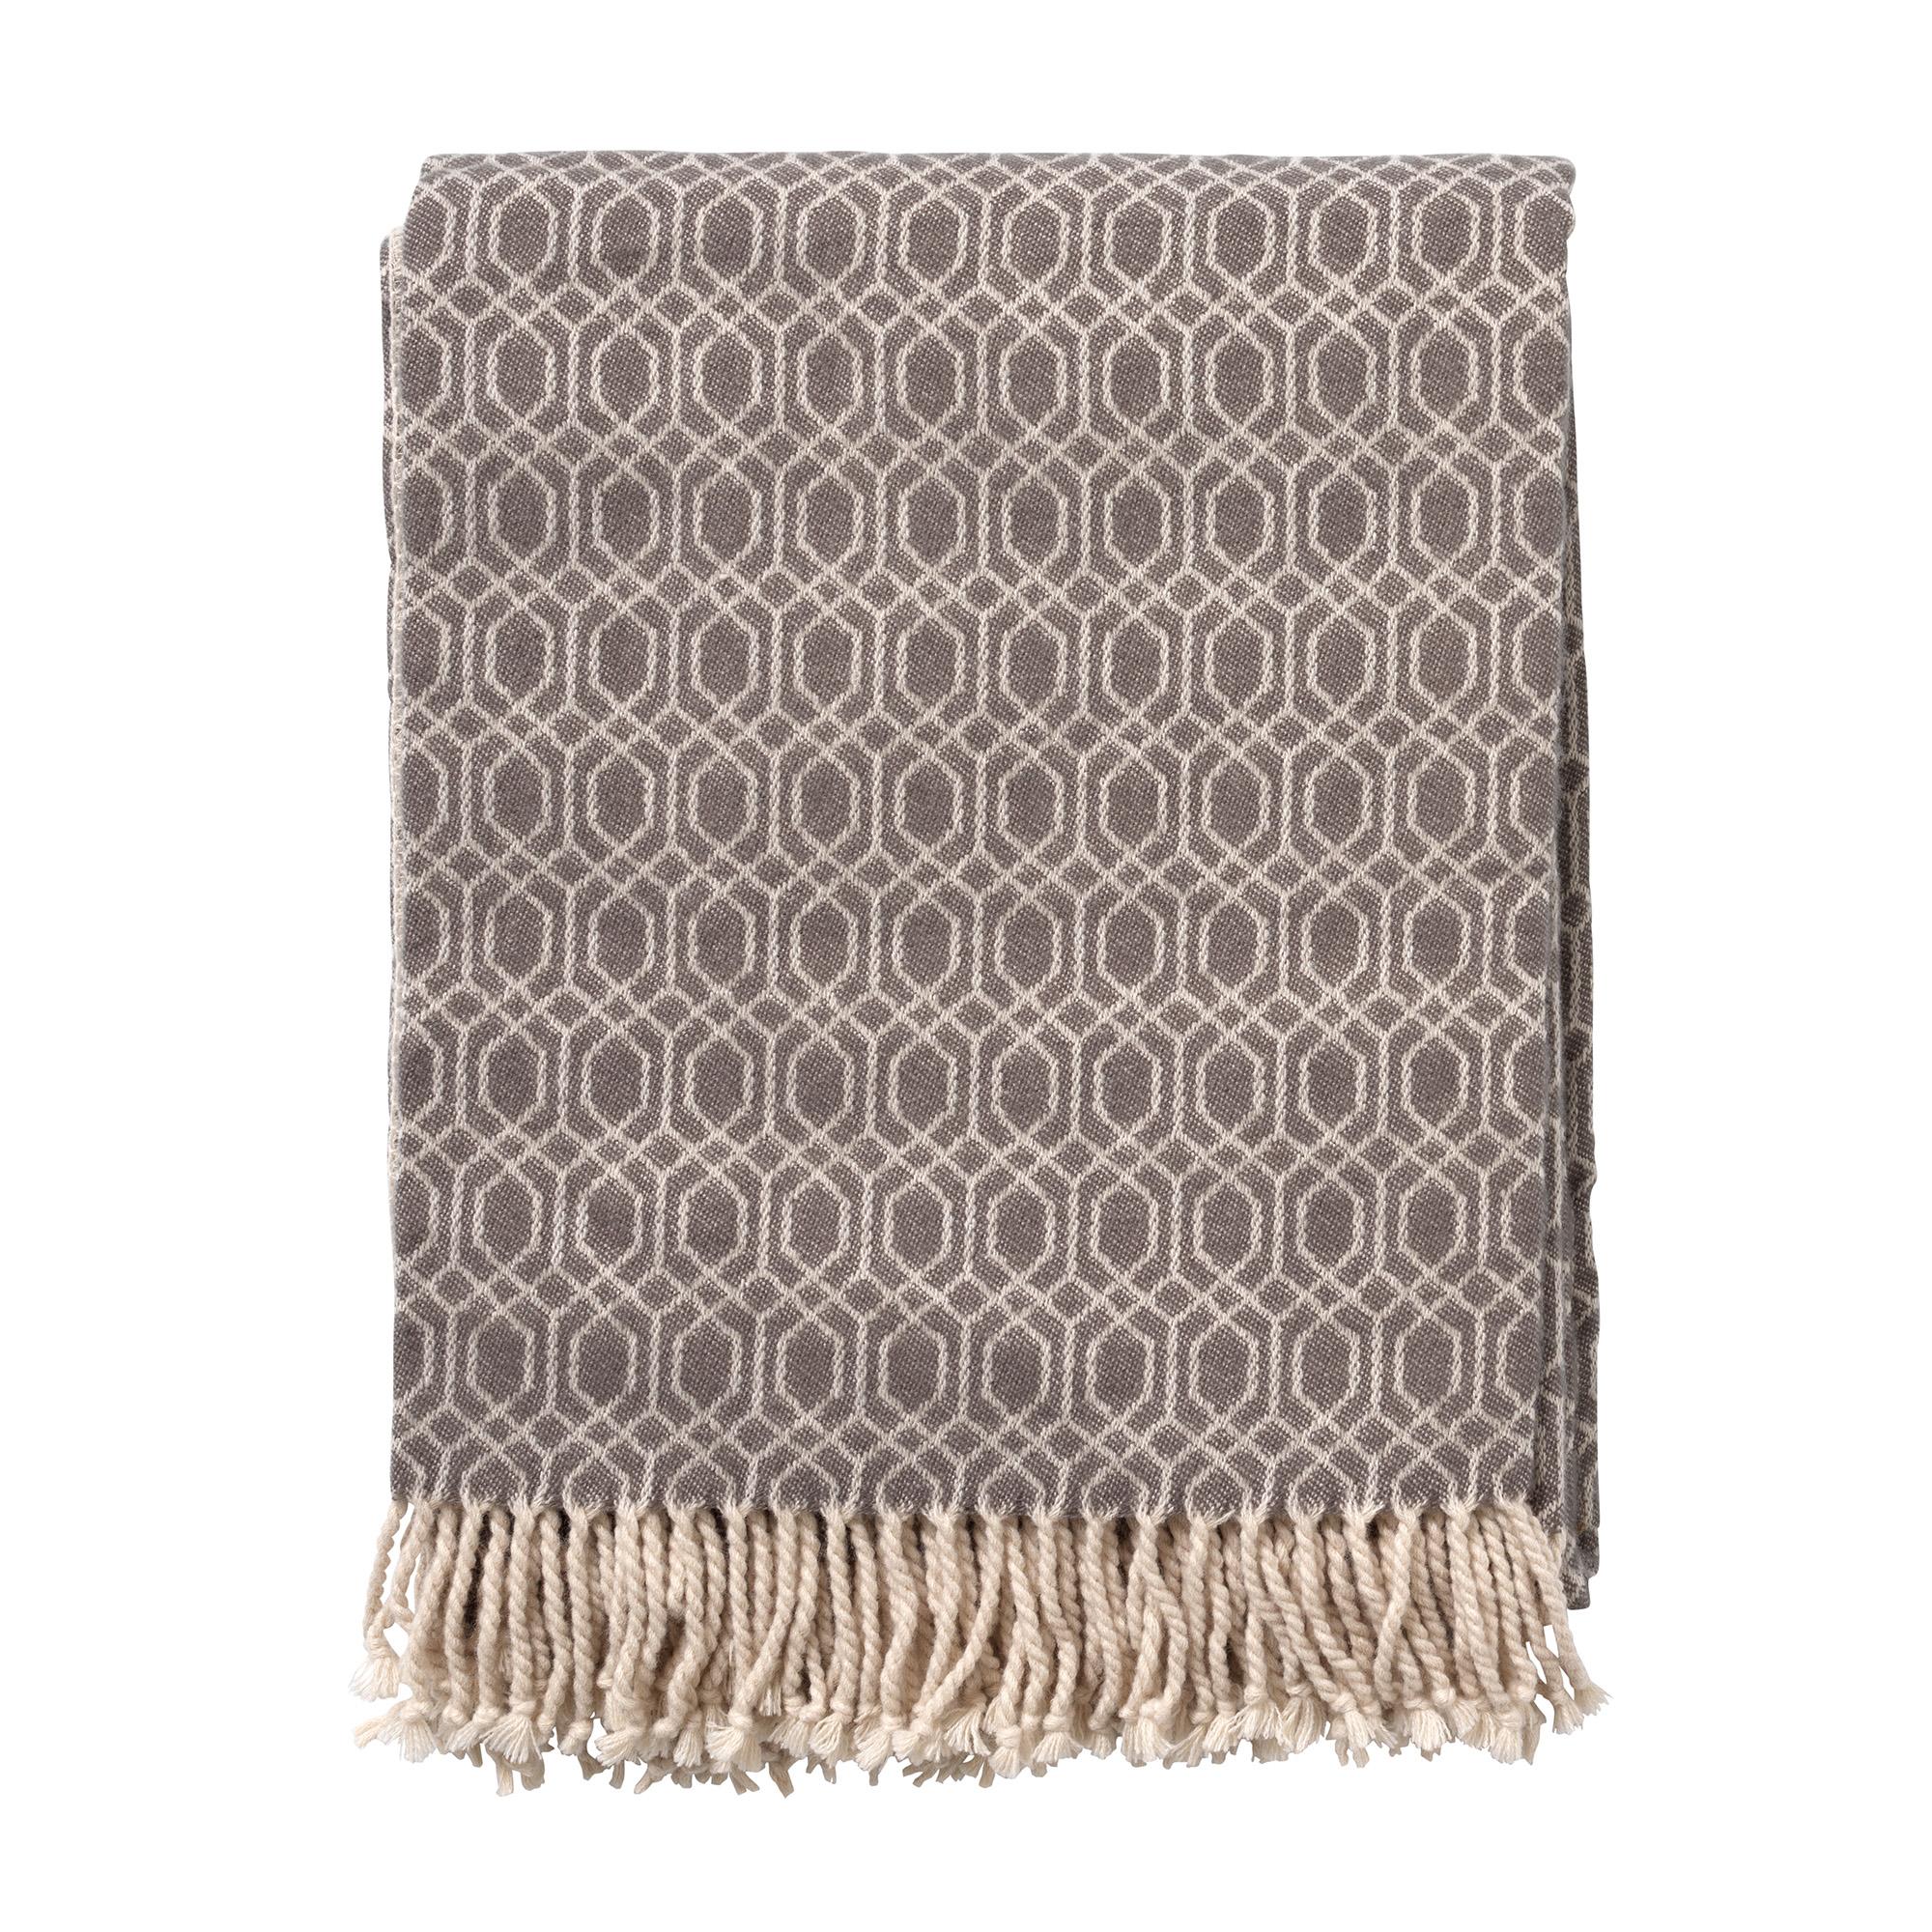 ELODIE - Plaid Charcoal Gray 140x180 cm